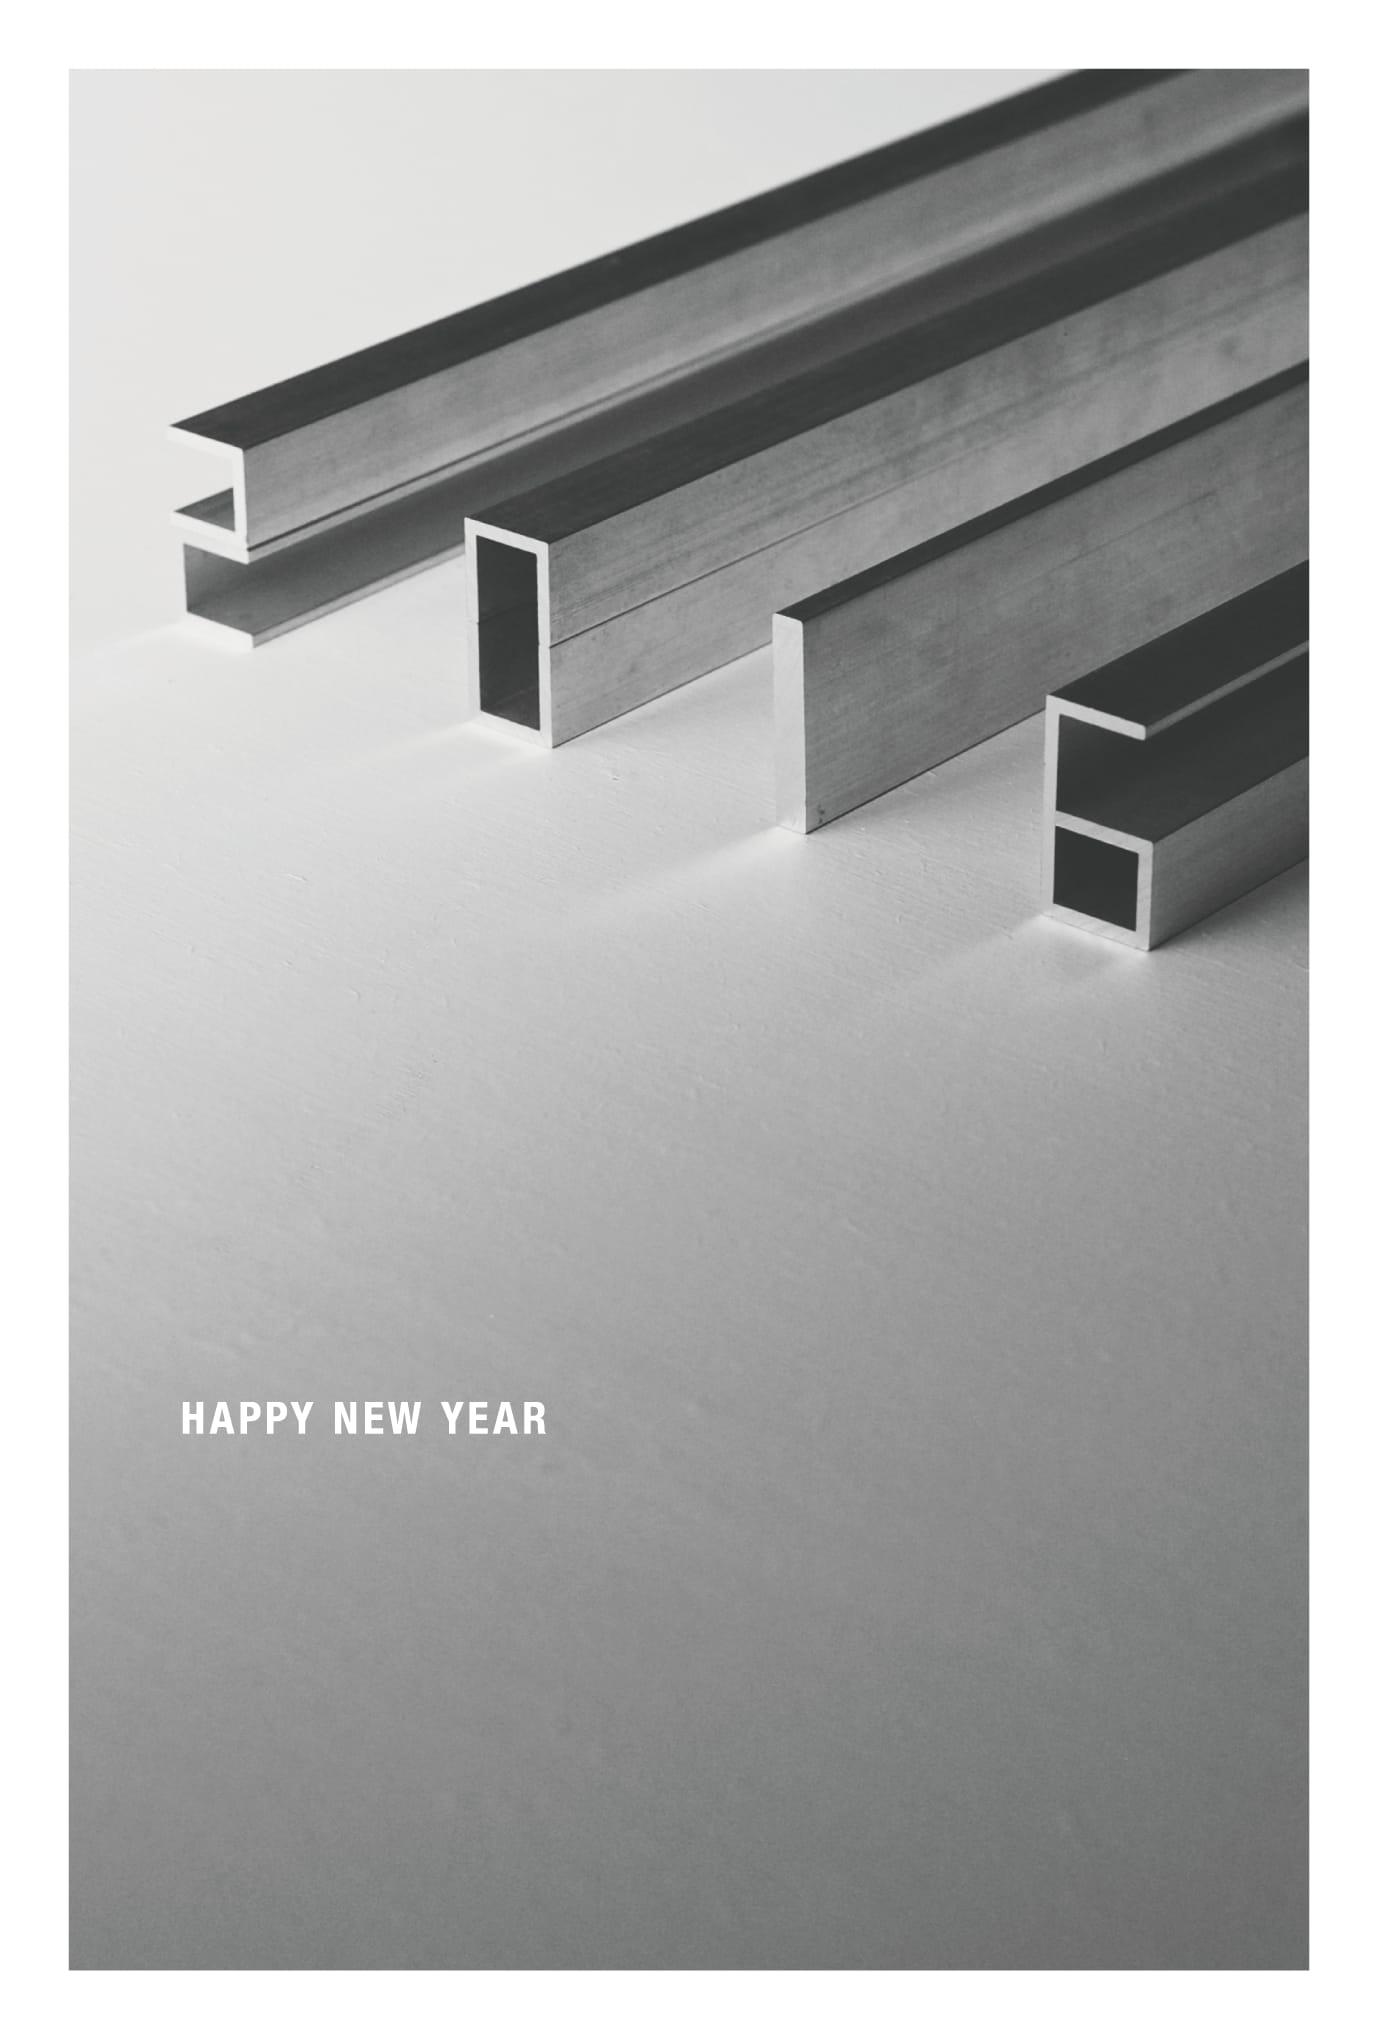 2016年賀状15-1:Alumi-new-m 2016 / 縦のダウンロード画像